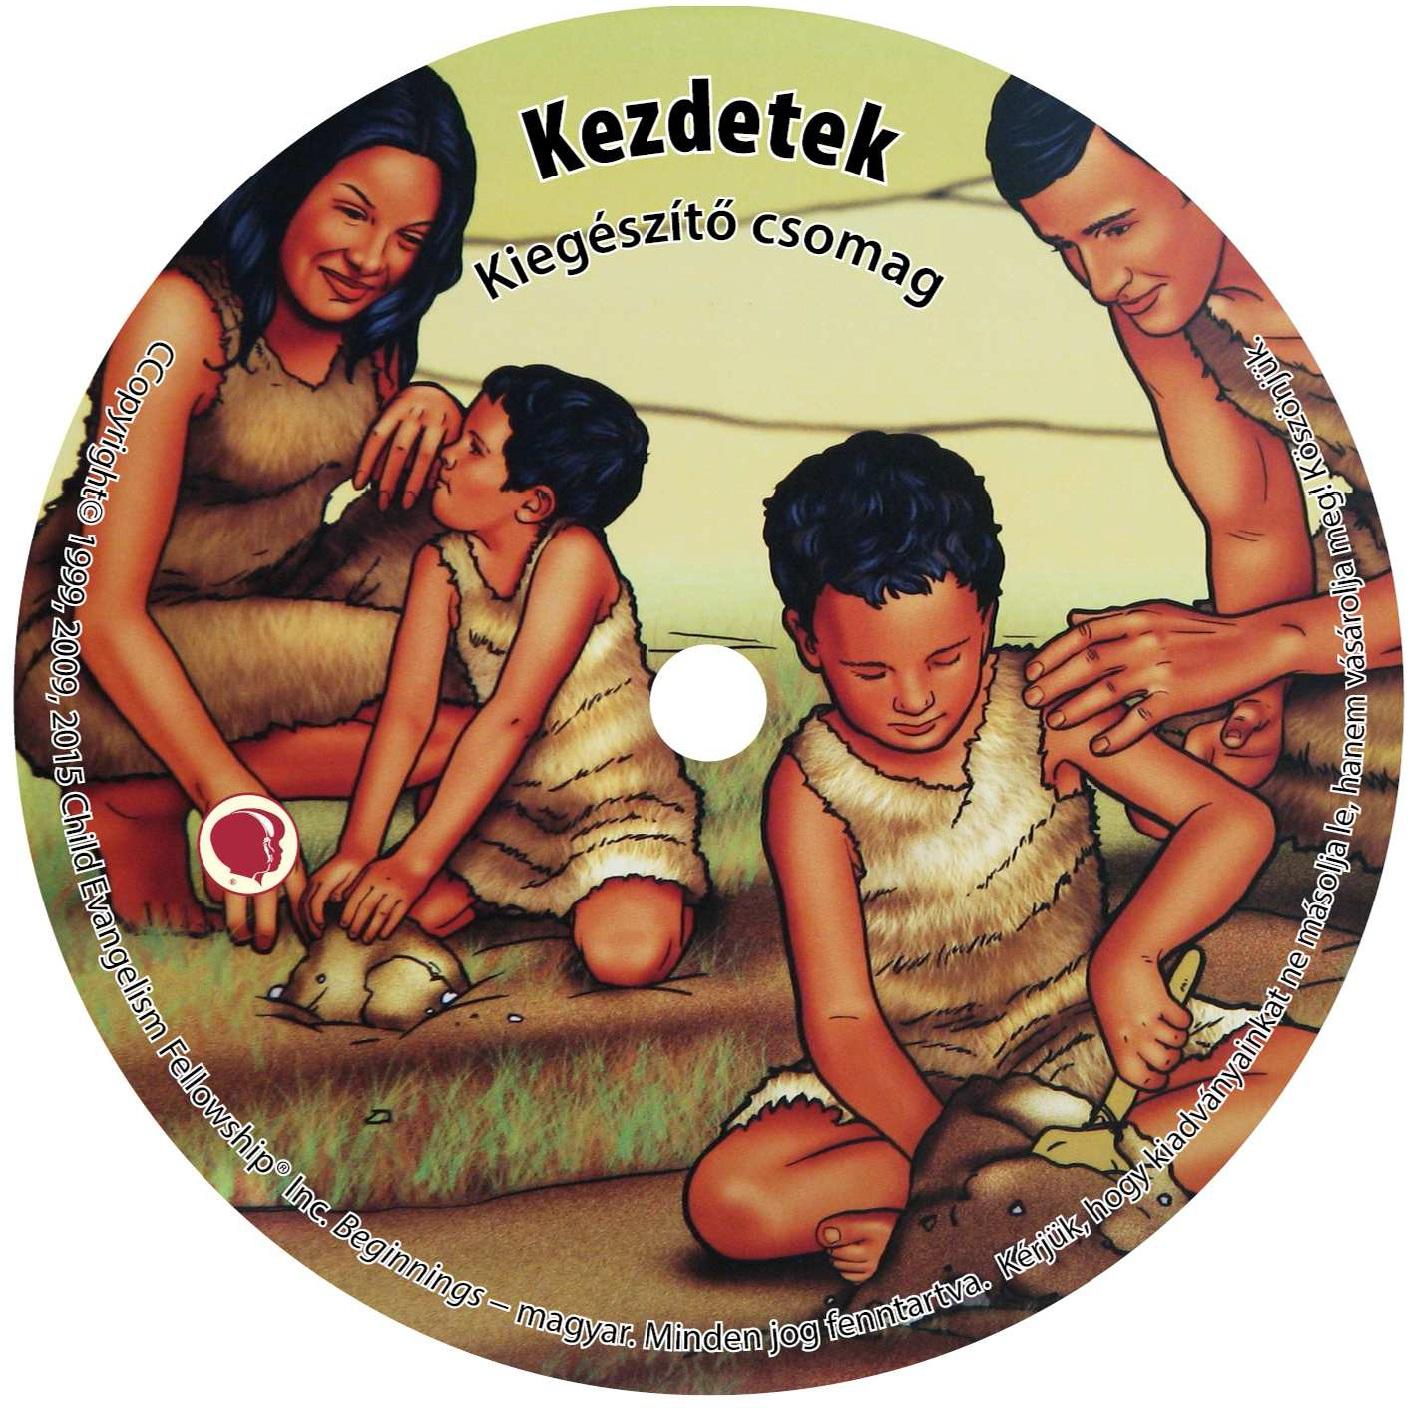 Kezdetek kieg CD borító